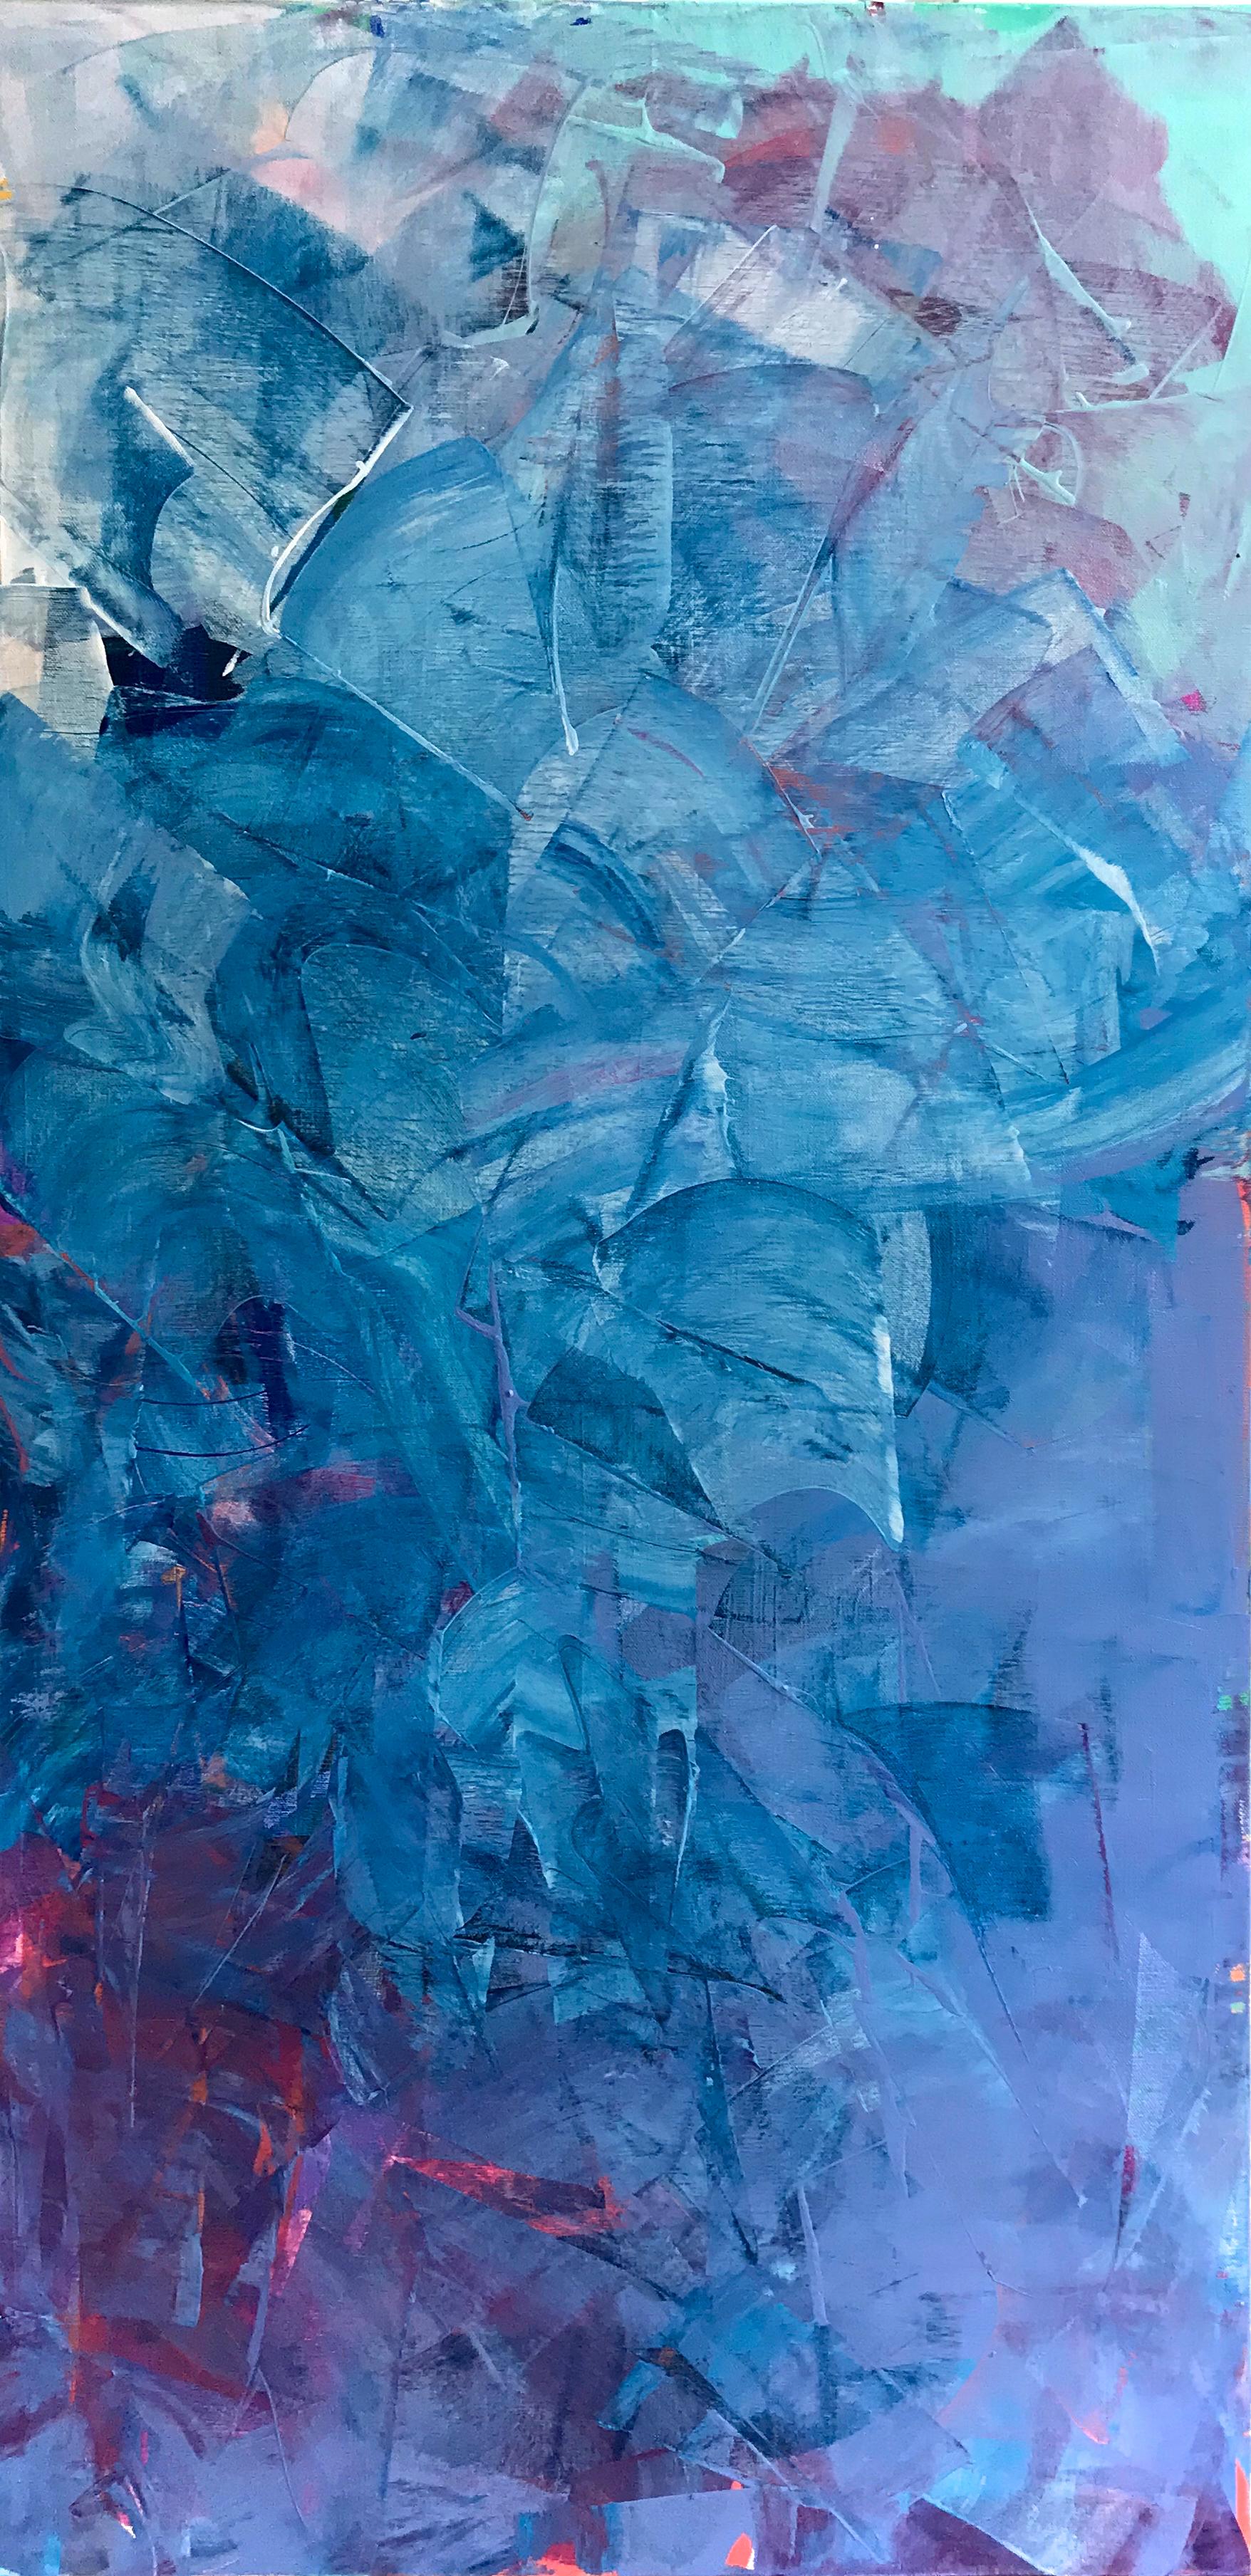 fractal in blue